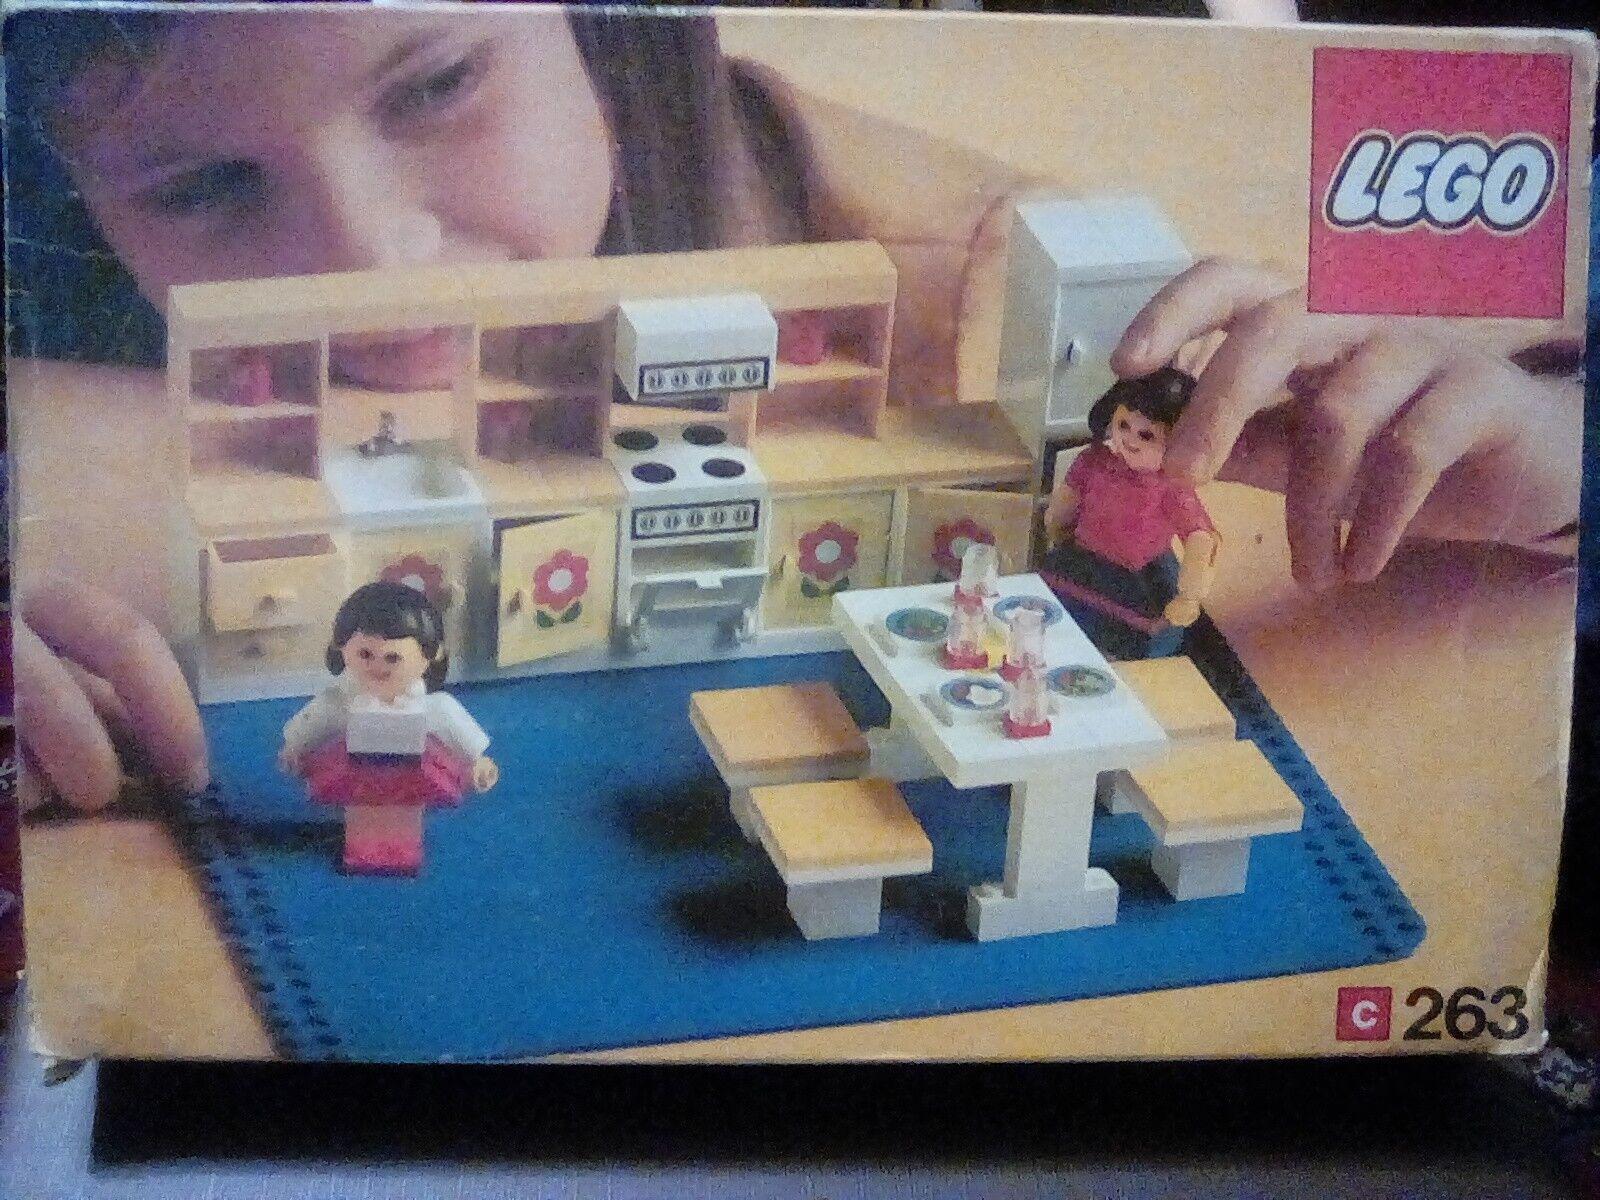 VINTAGE LEGO Set da gioco in scatola 263, 100% COMPLETO